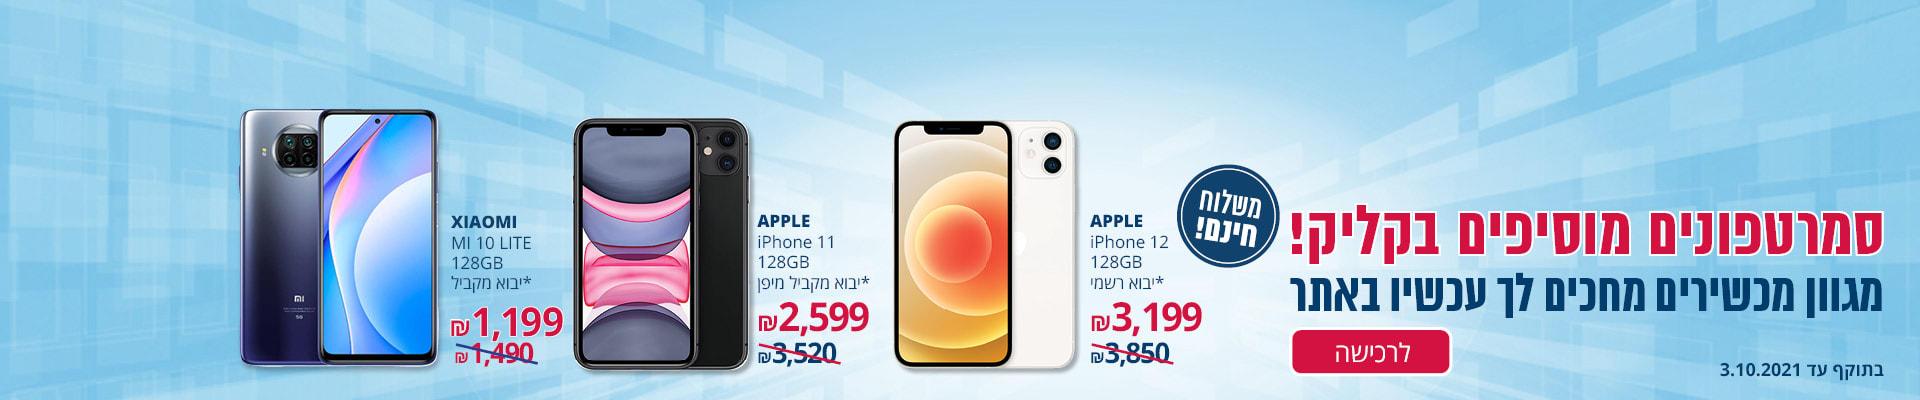 גם סמארטפונים? כן! APPLE IPHONE 11 128G*יבוא מקביל 2599₪, APPLE IPHONE 12 128G* יבוא רשמי 3199₪, Mi 10 lite 5G 128GB 1199₪ XIAOMI* יבוא מקביל משלוח חינם בתוקף עד 3.10.2021